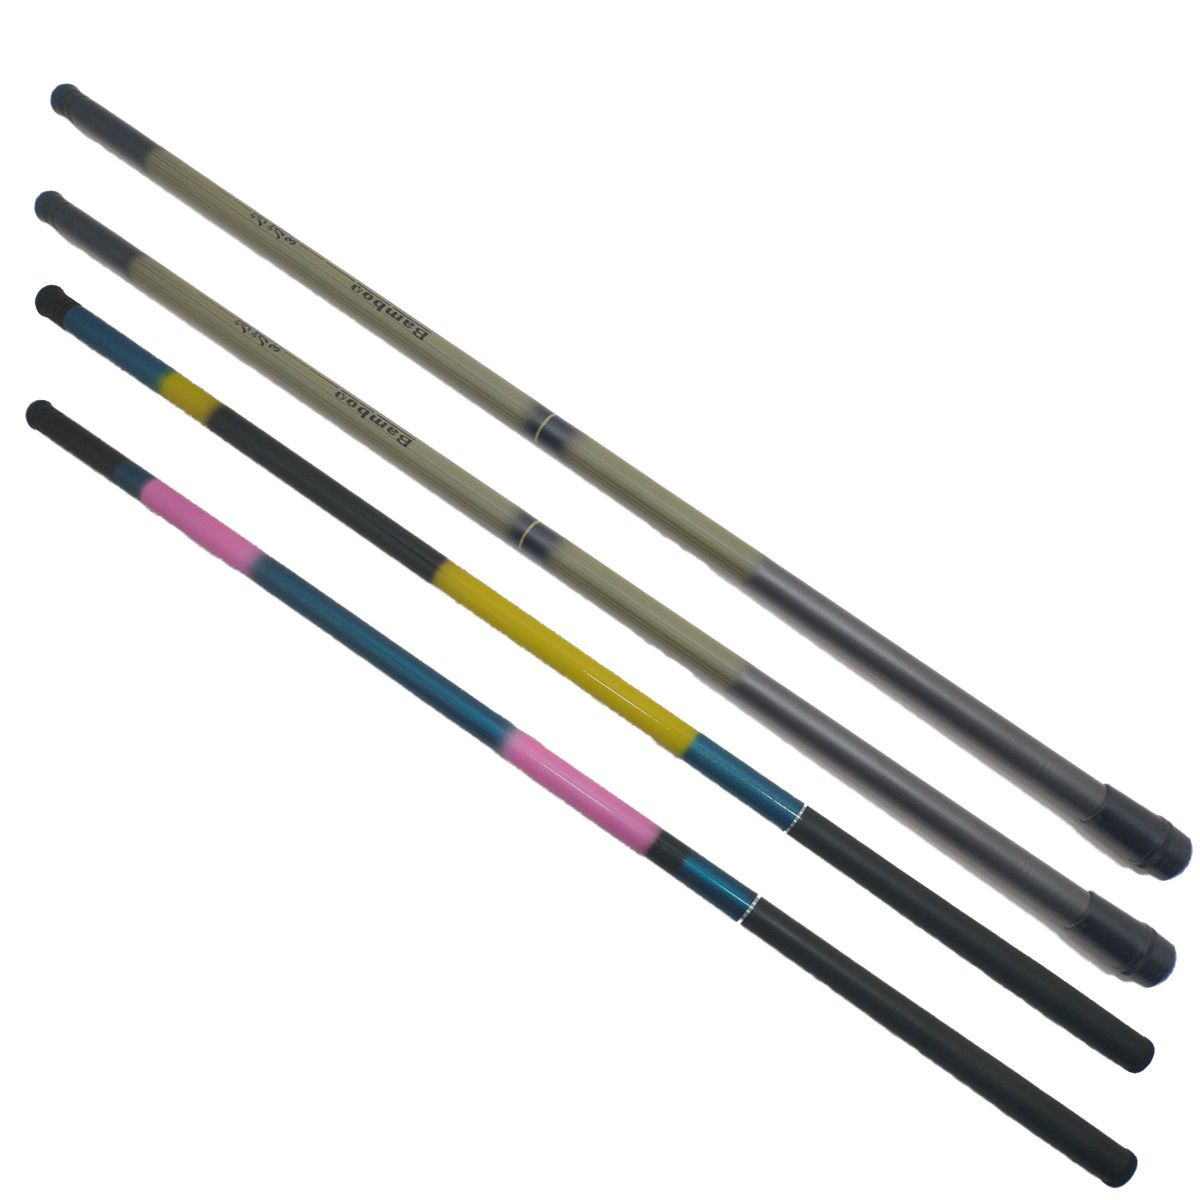 2 Vara De Mão Telescópica 3,30 E 2 De 3,60 Fibra Vidro